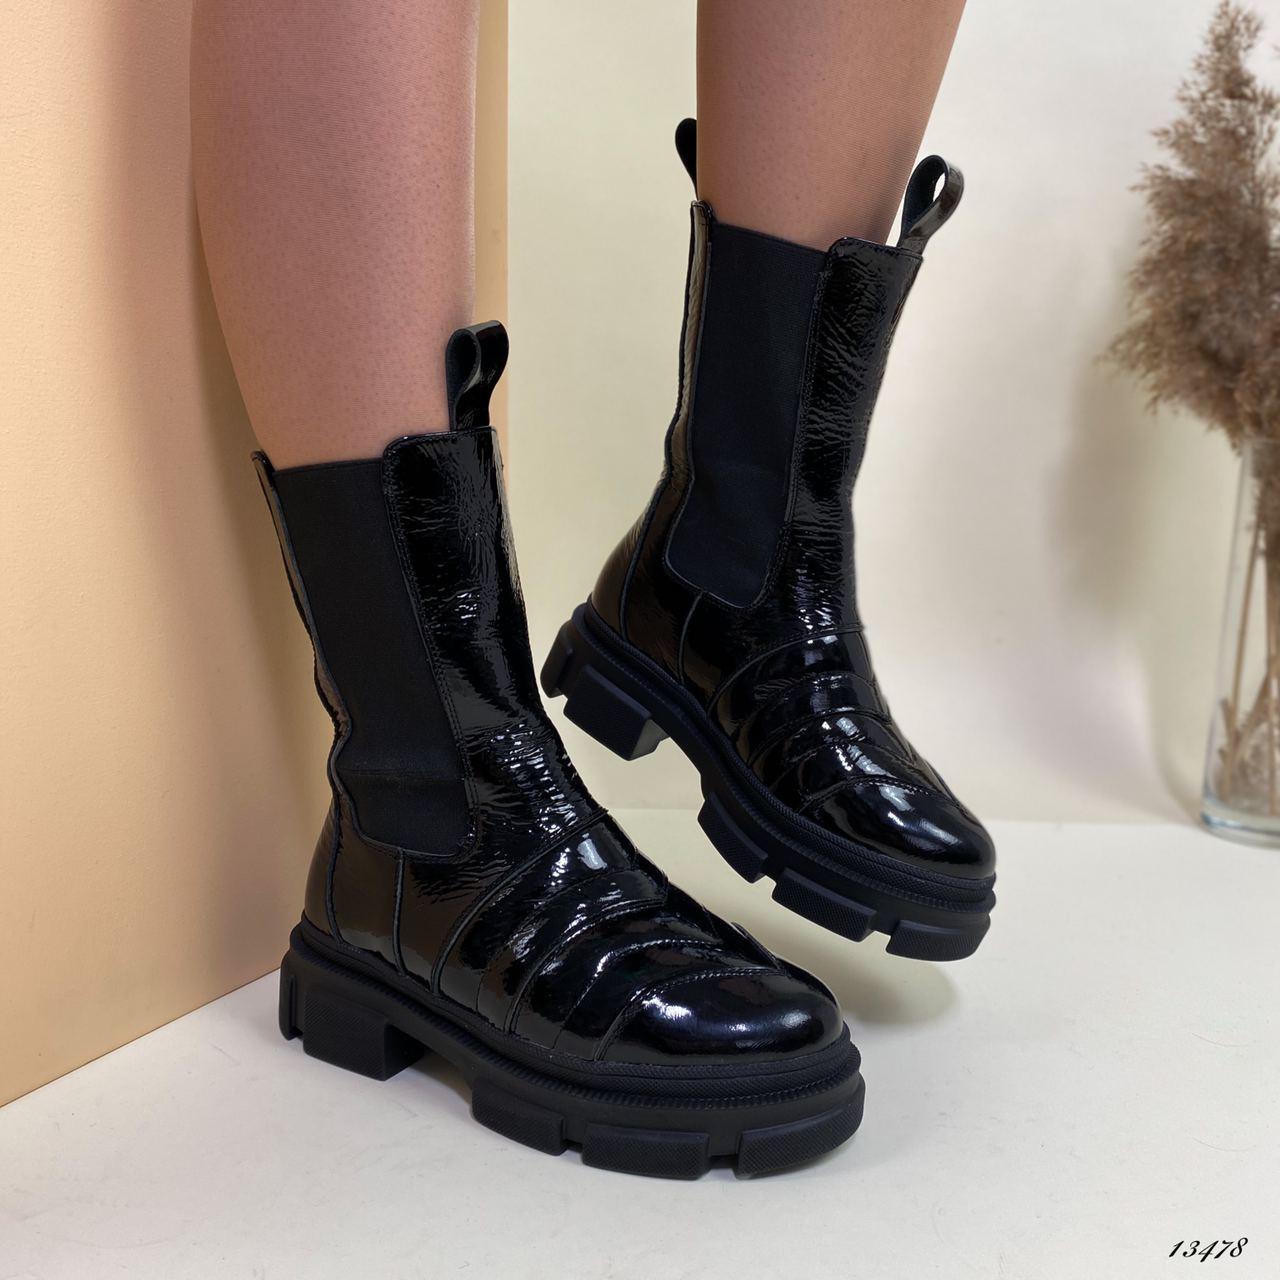 Ботинки женские высокие лаковые чёрные